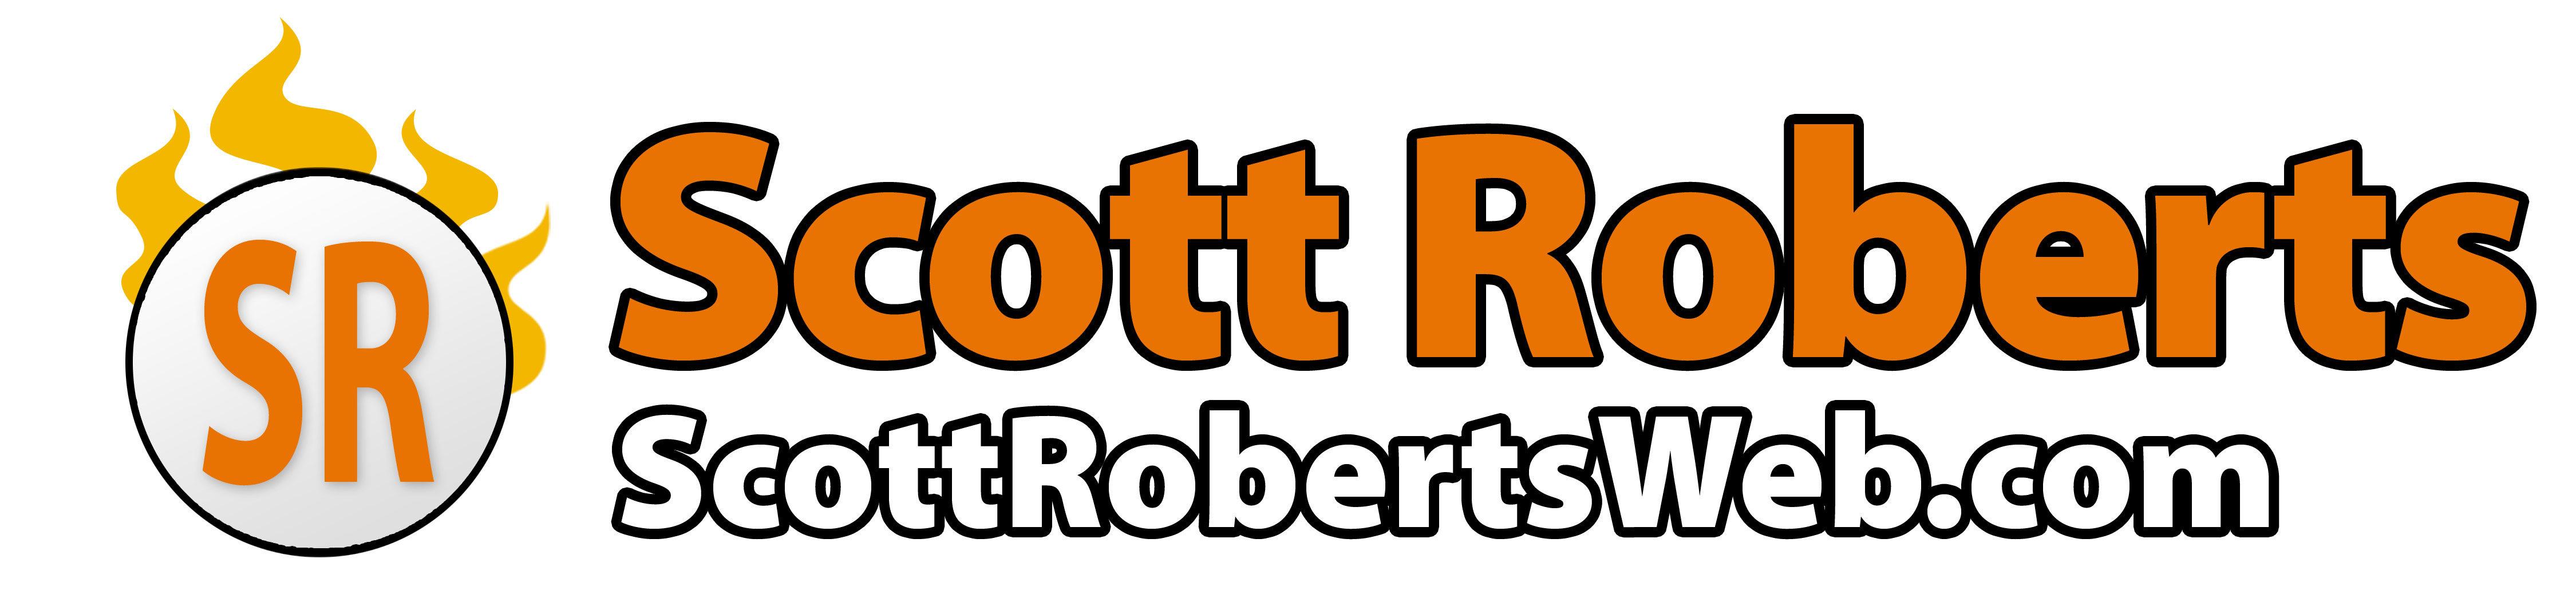 The Official Scott Roberts Website